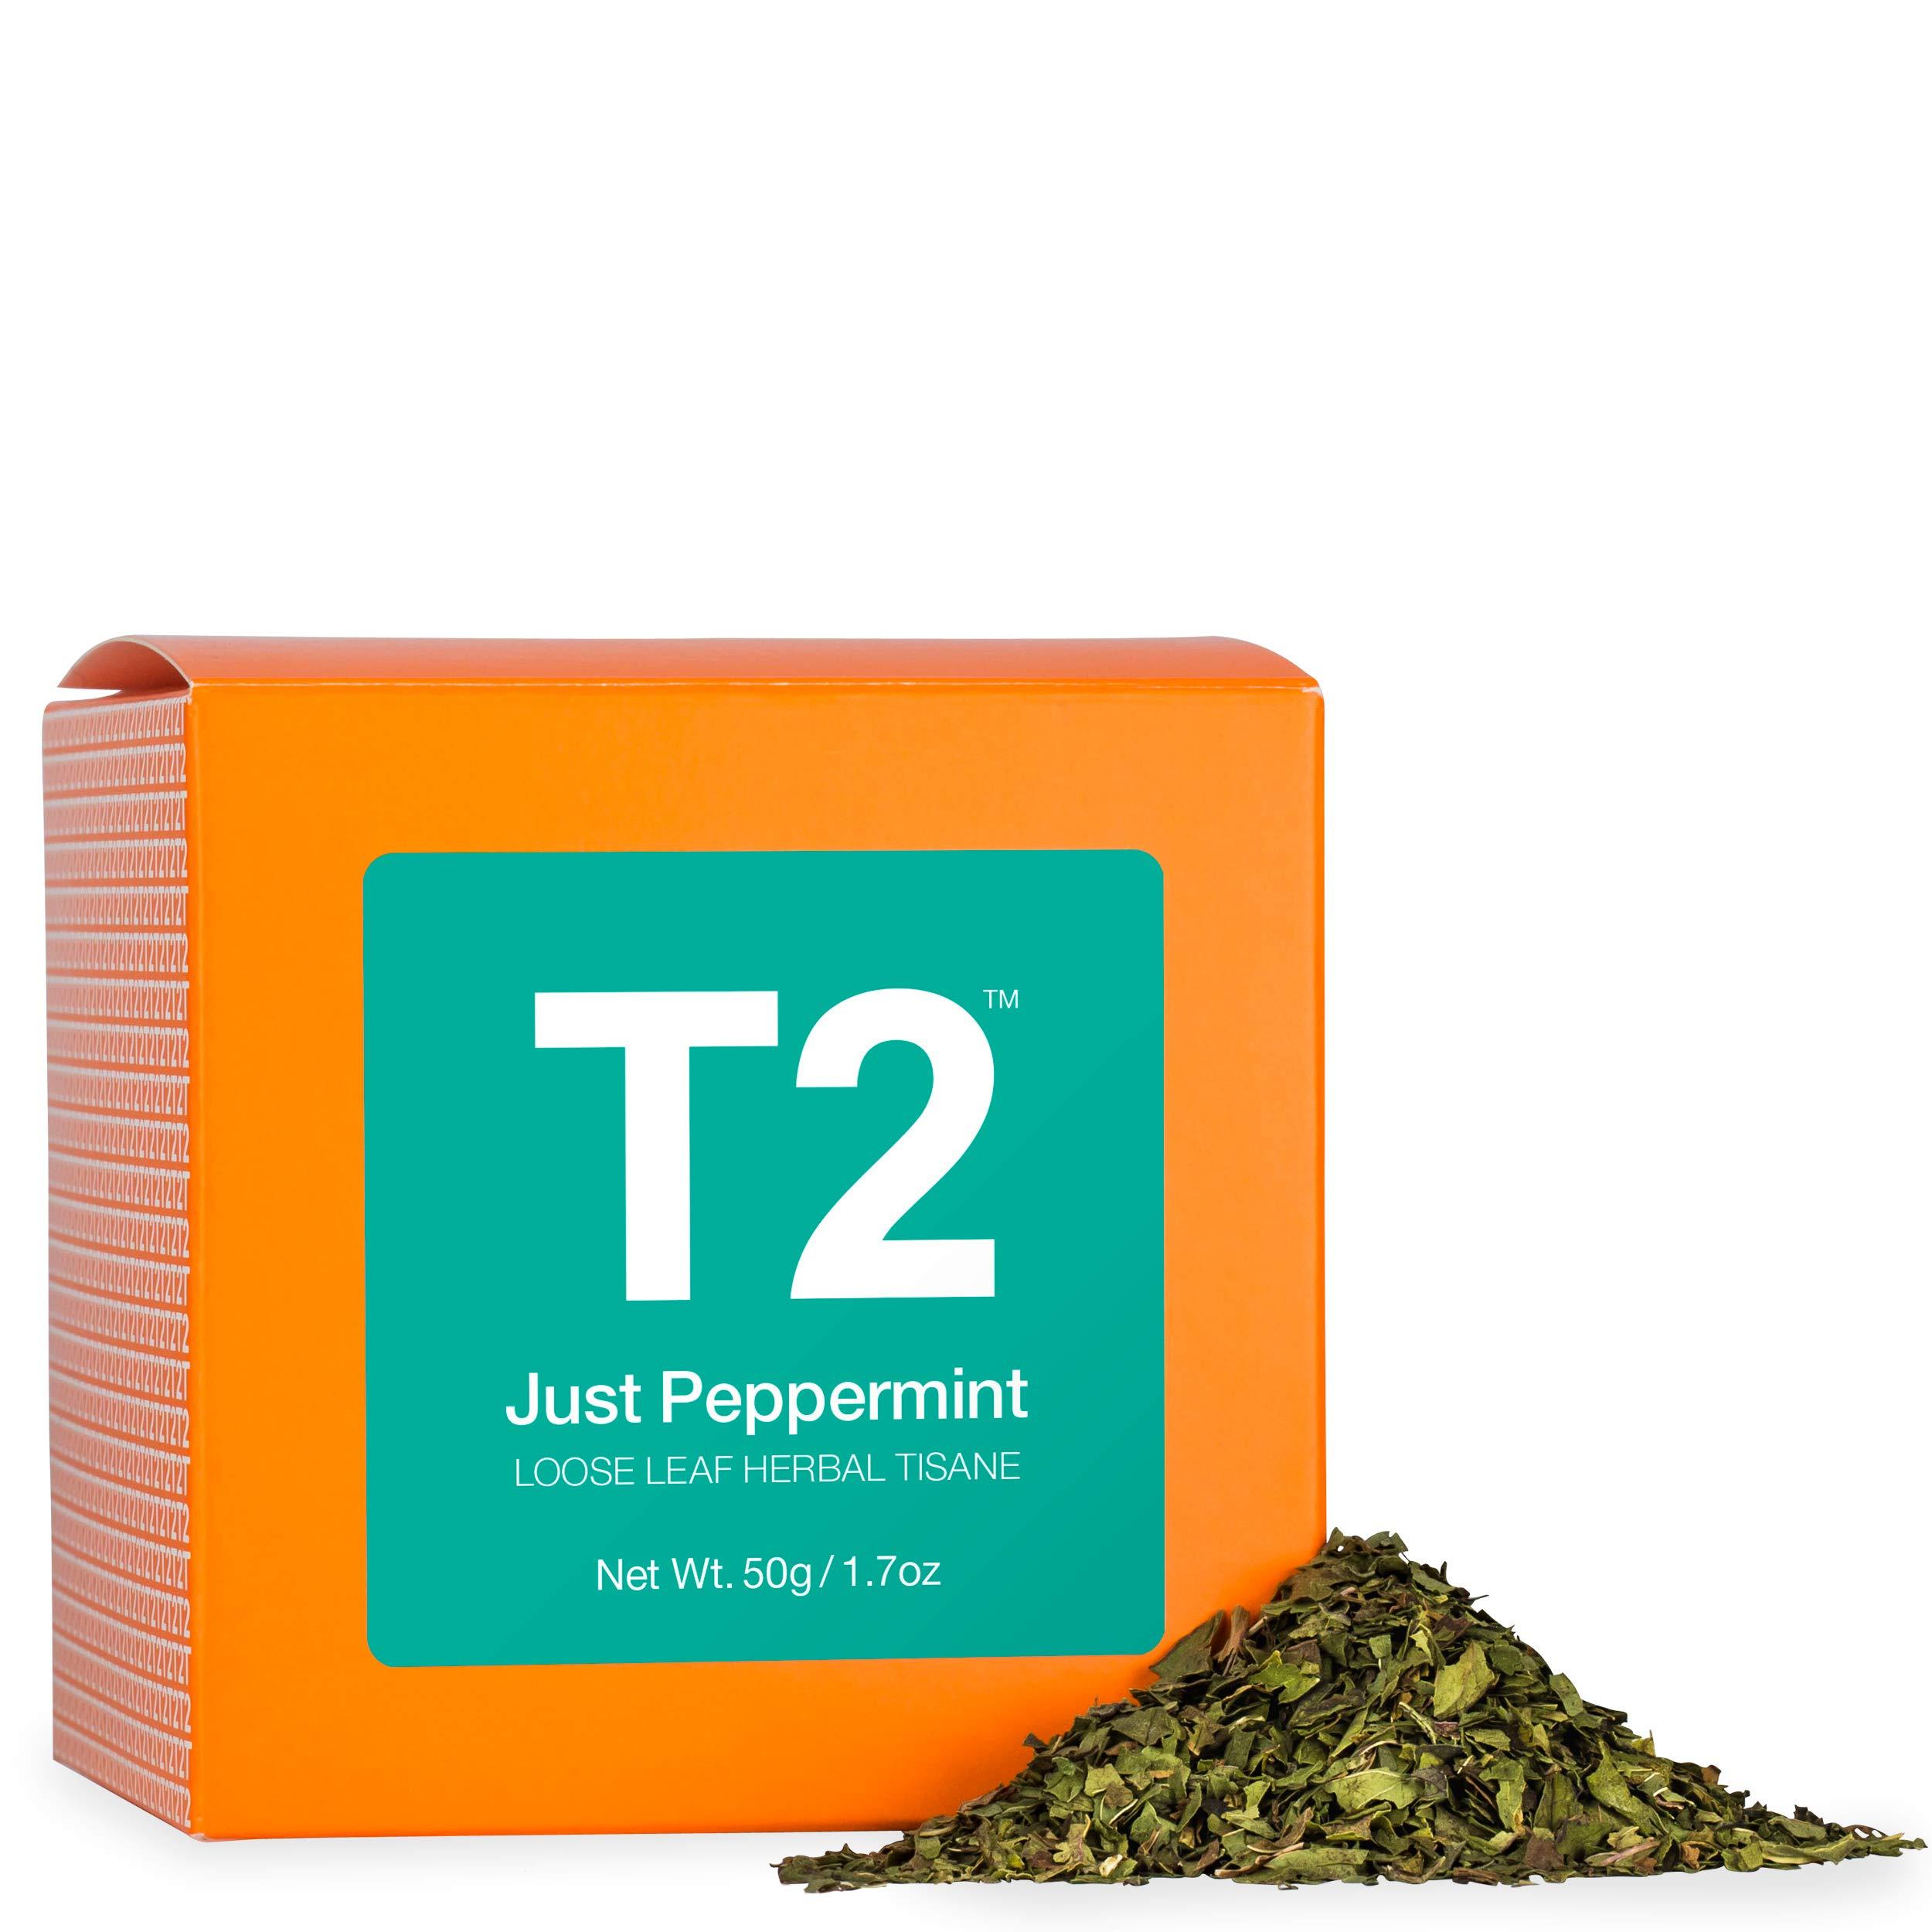 T2 Tea - Just Peppermint Herbal Tea, Loose Leaf Herbal Tea in a Box, 50g (1.7oz)